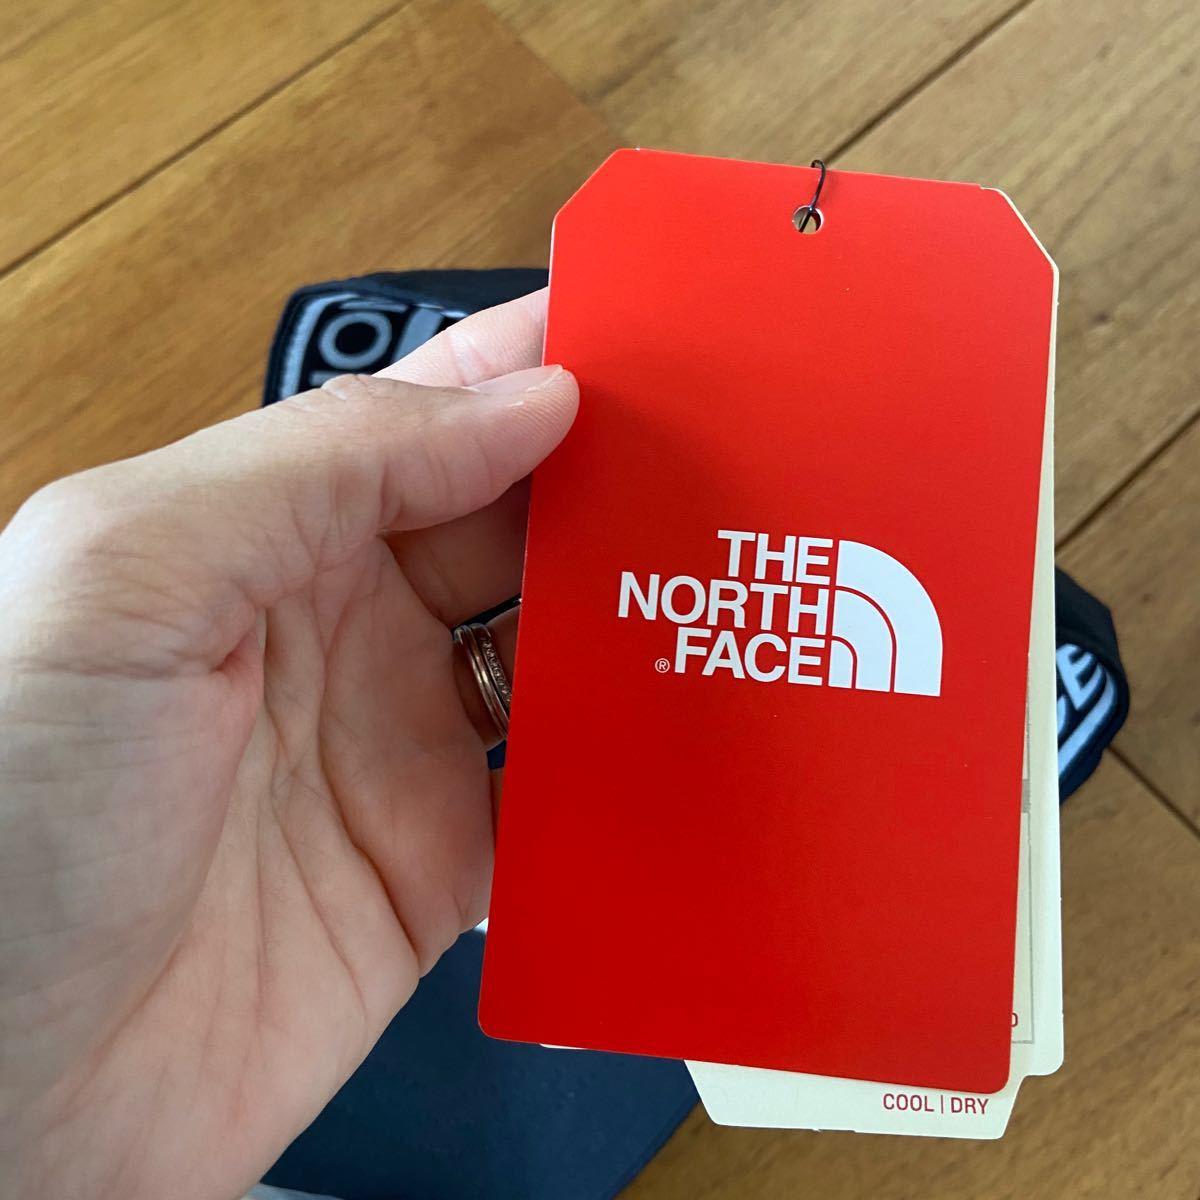 ザ・ノースフェイス キャップ ブラック THE NORTH FACE